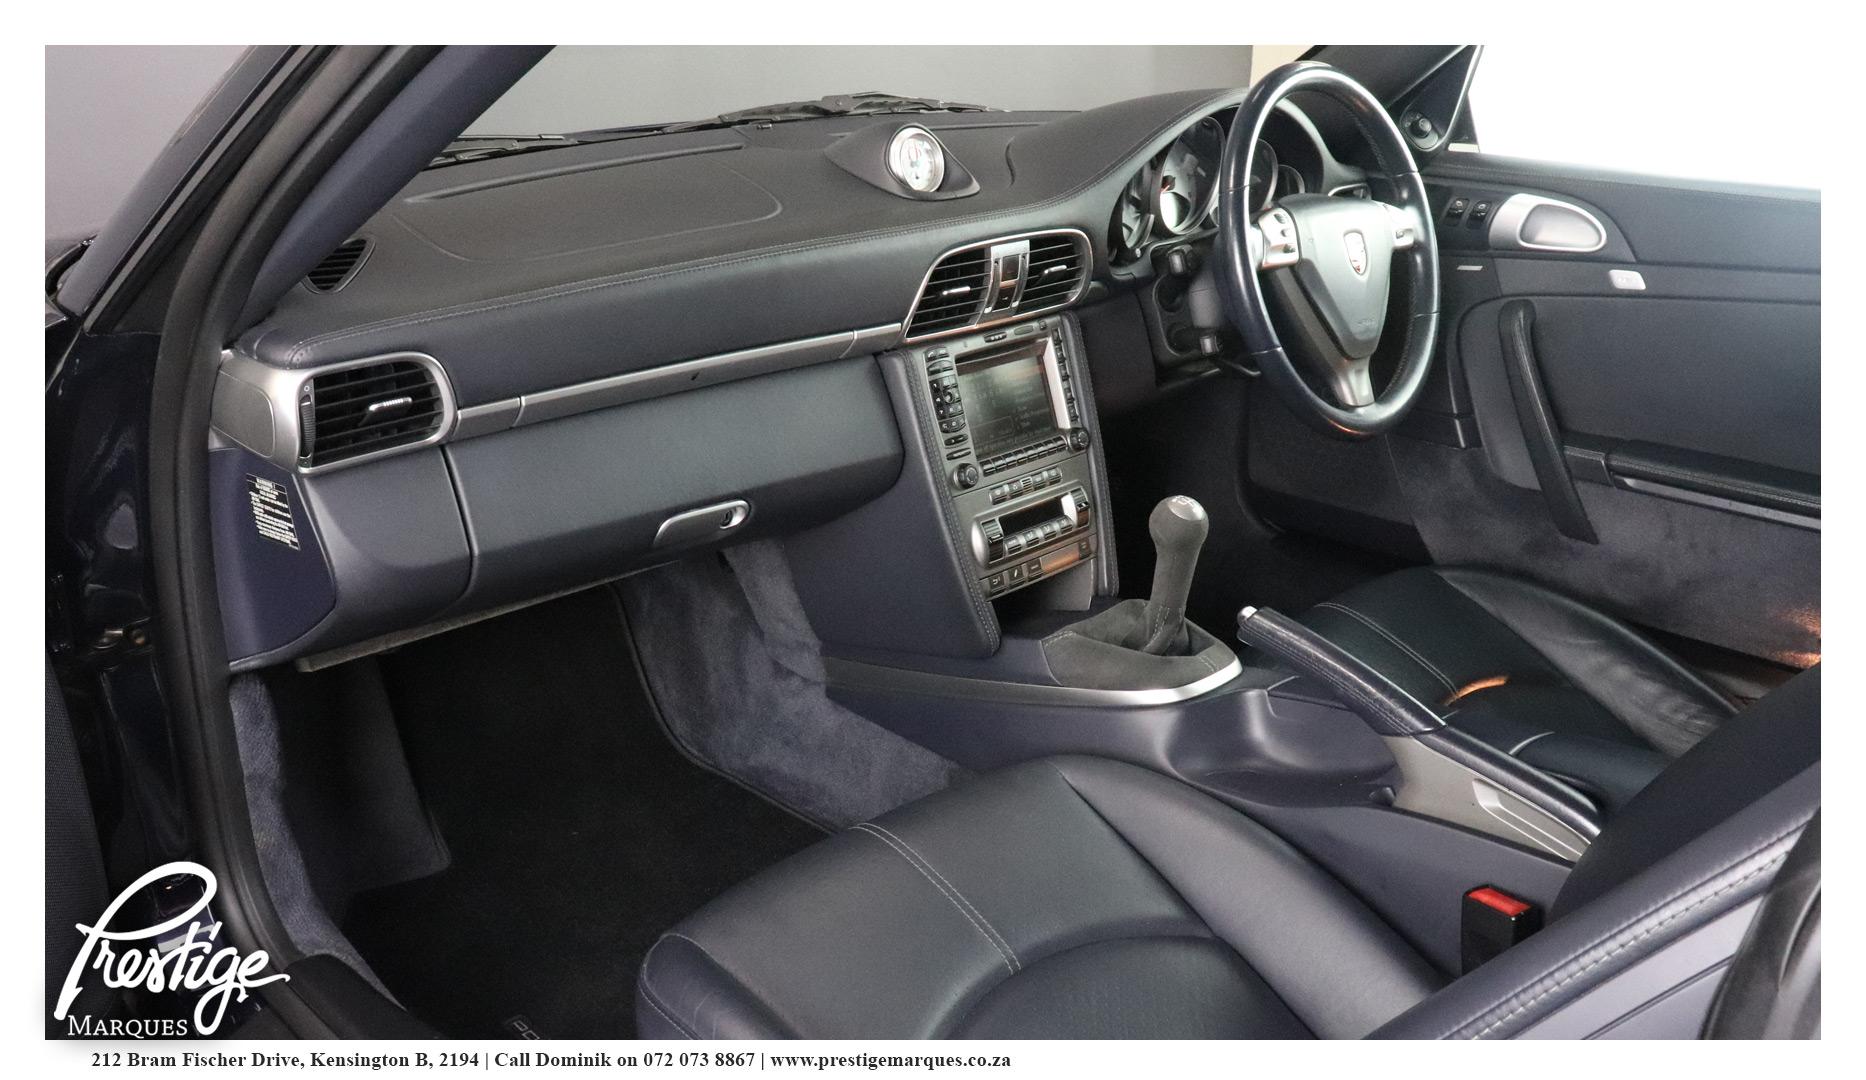 2007-Porsche-911-997-Carerra-4s-manual-prestige-marques-randburg-sandton-14